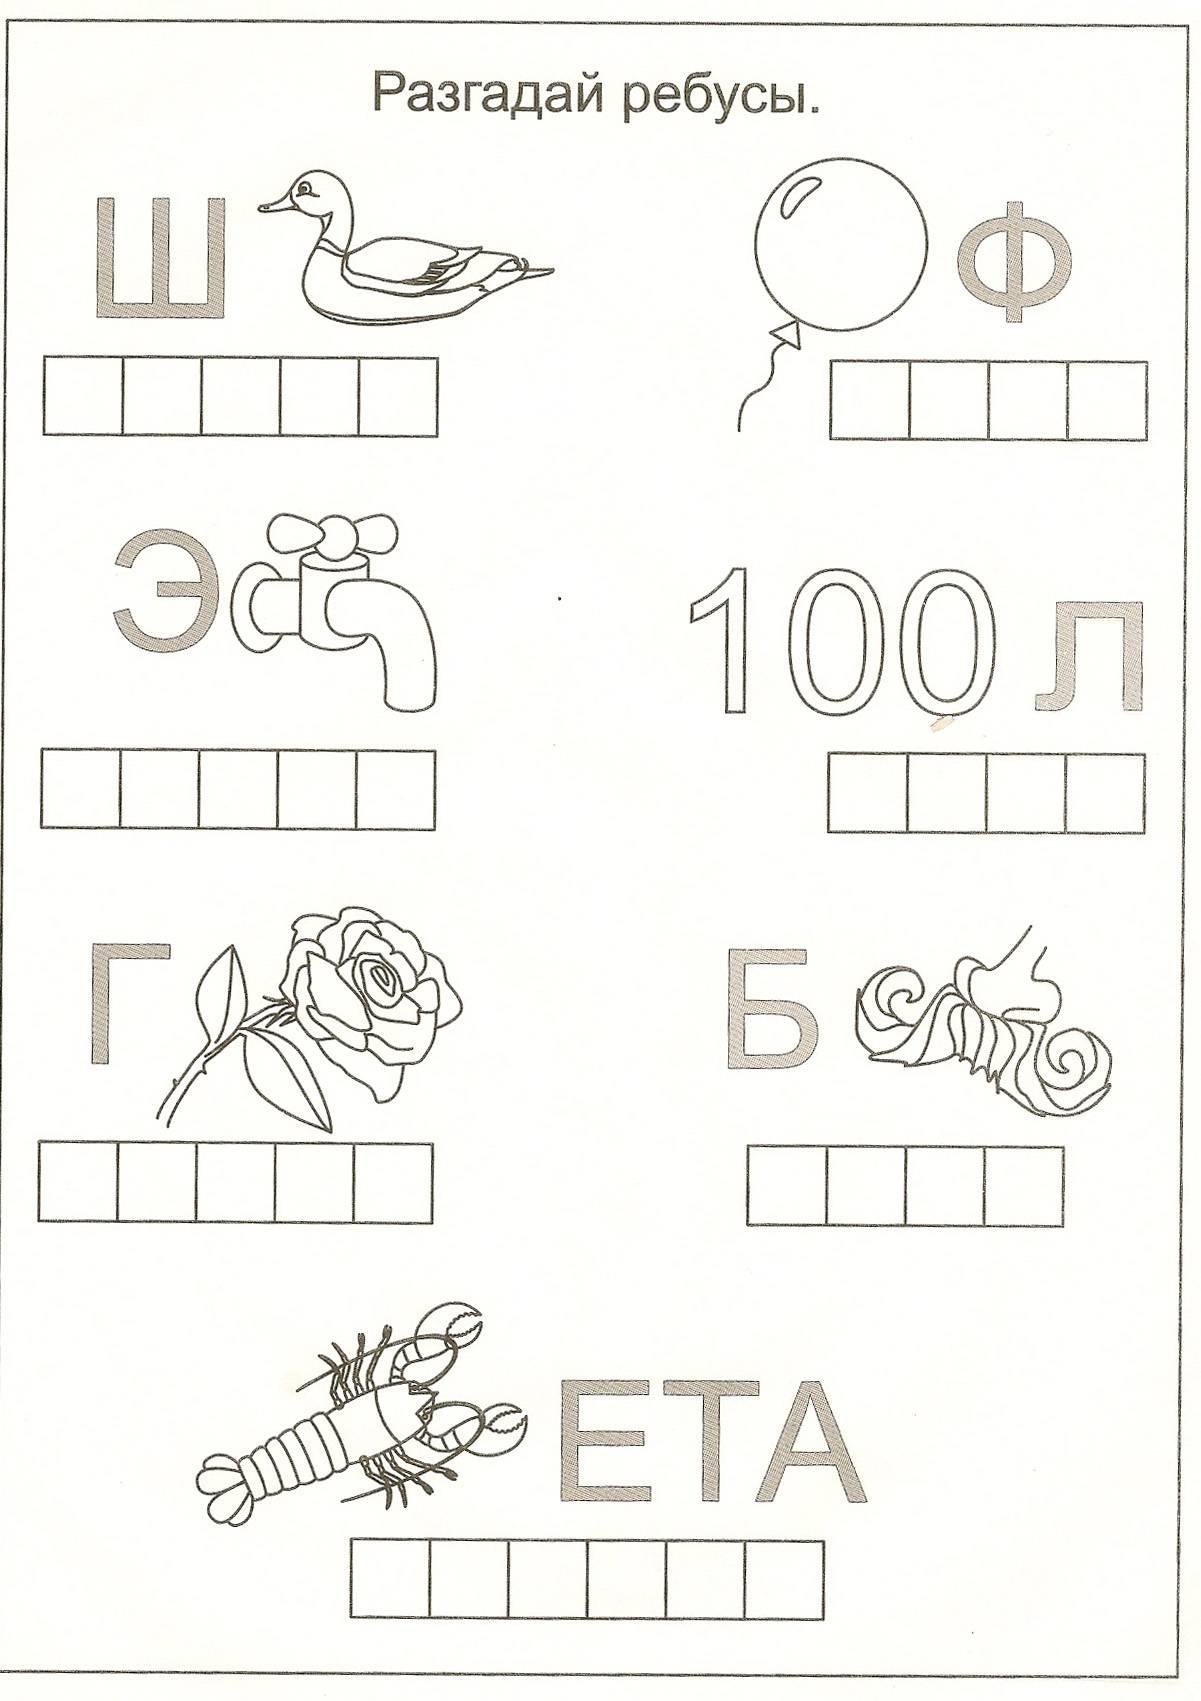 Картинки задания на логику для детей 67 лет 6